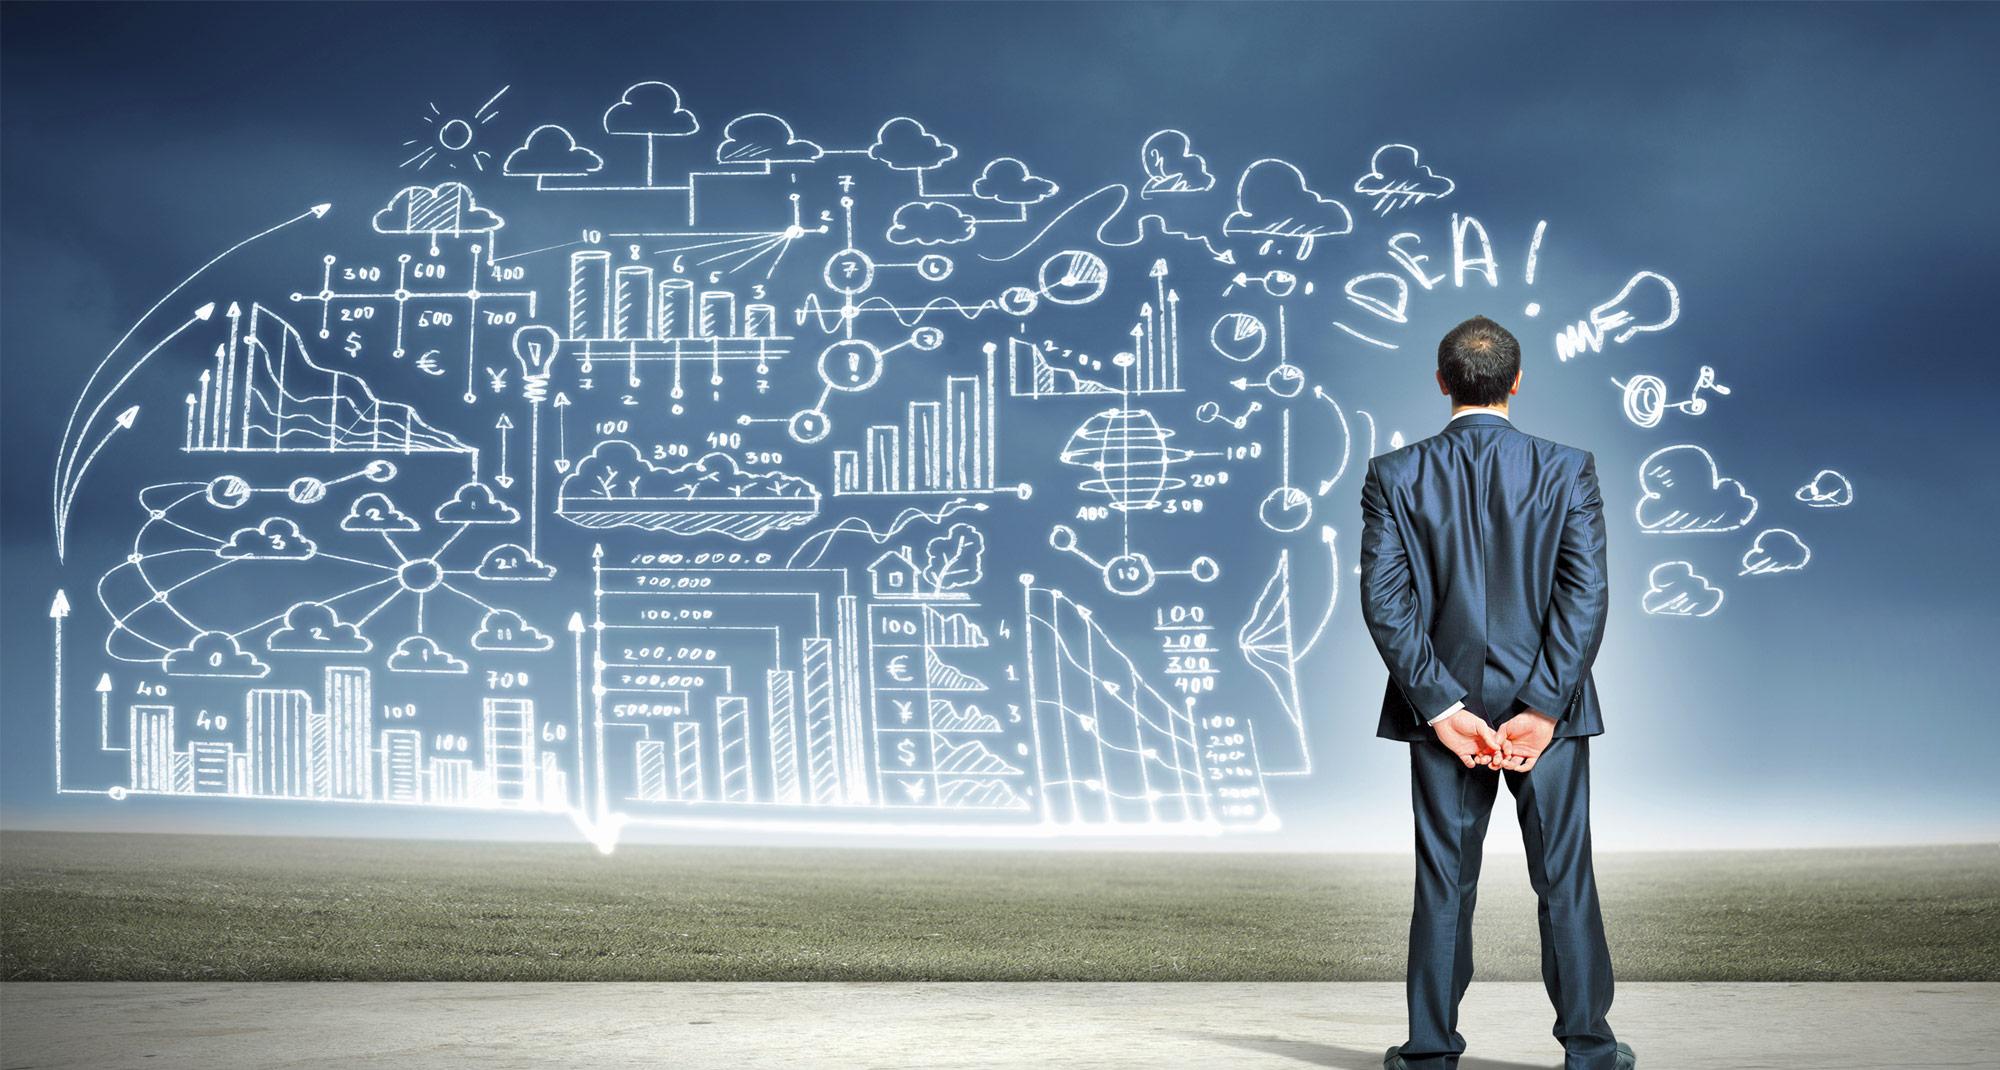 IMMAGINE L'importanza nell'organizzazione di avere ruoli specifici nel rispetto della gerarchia aziendale